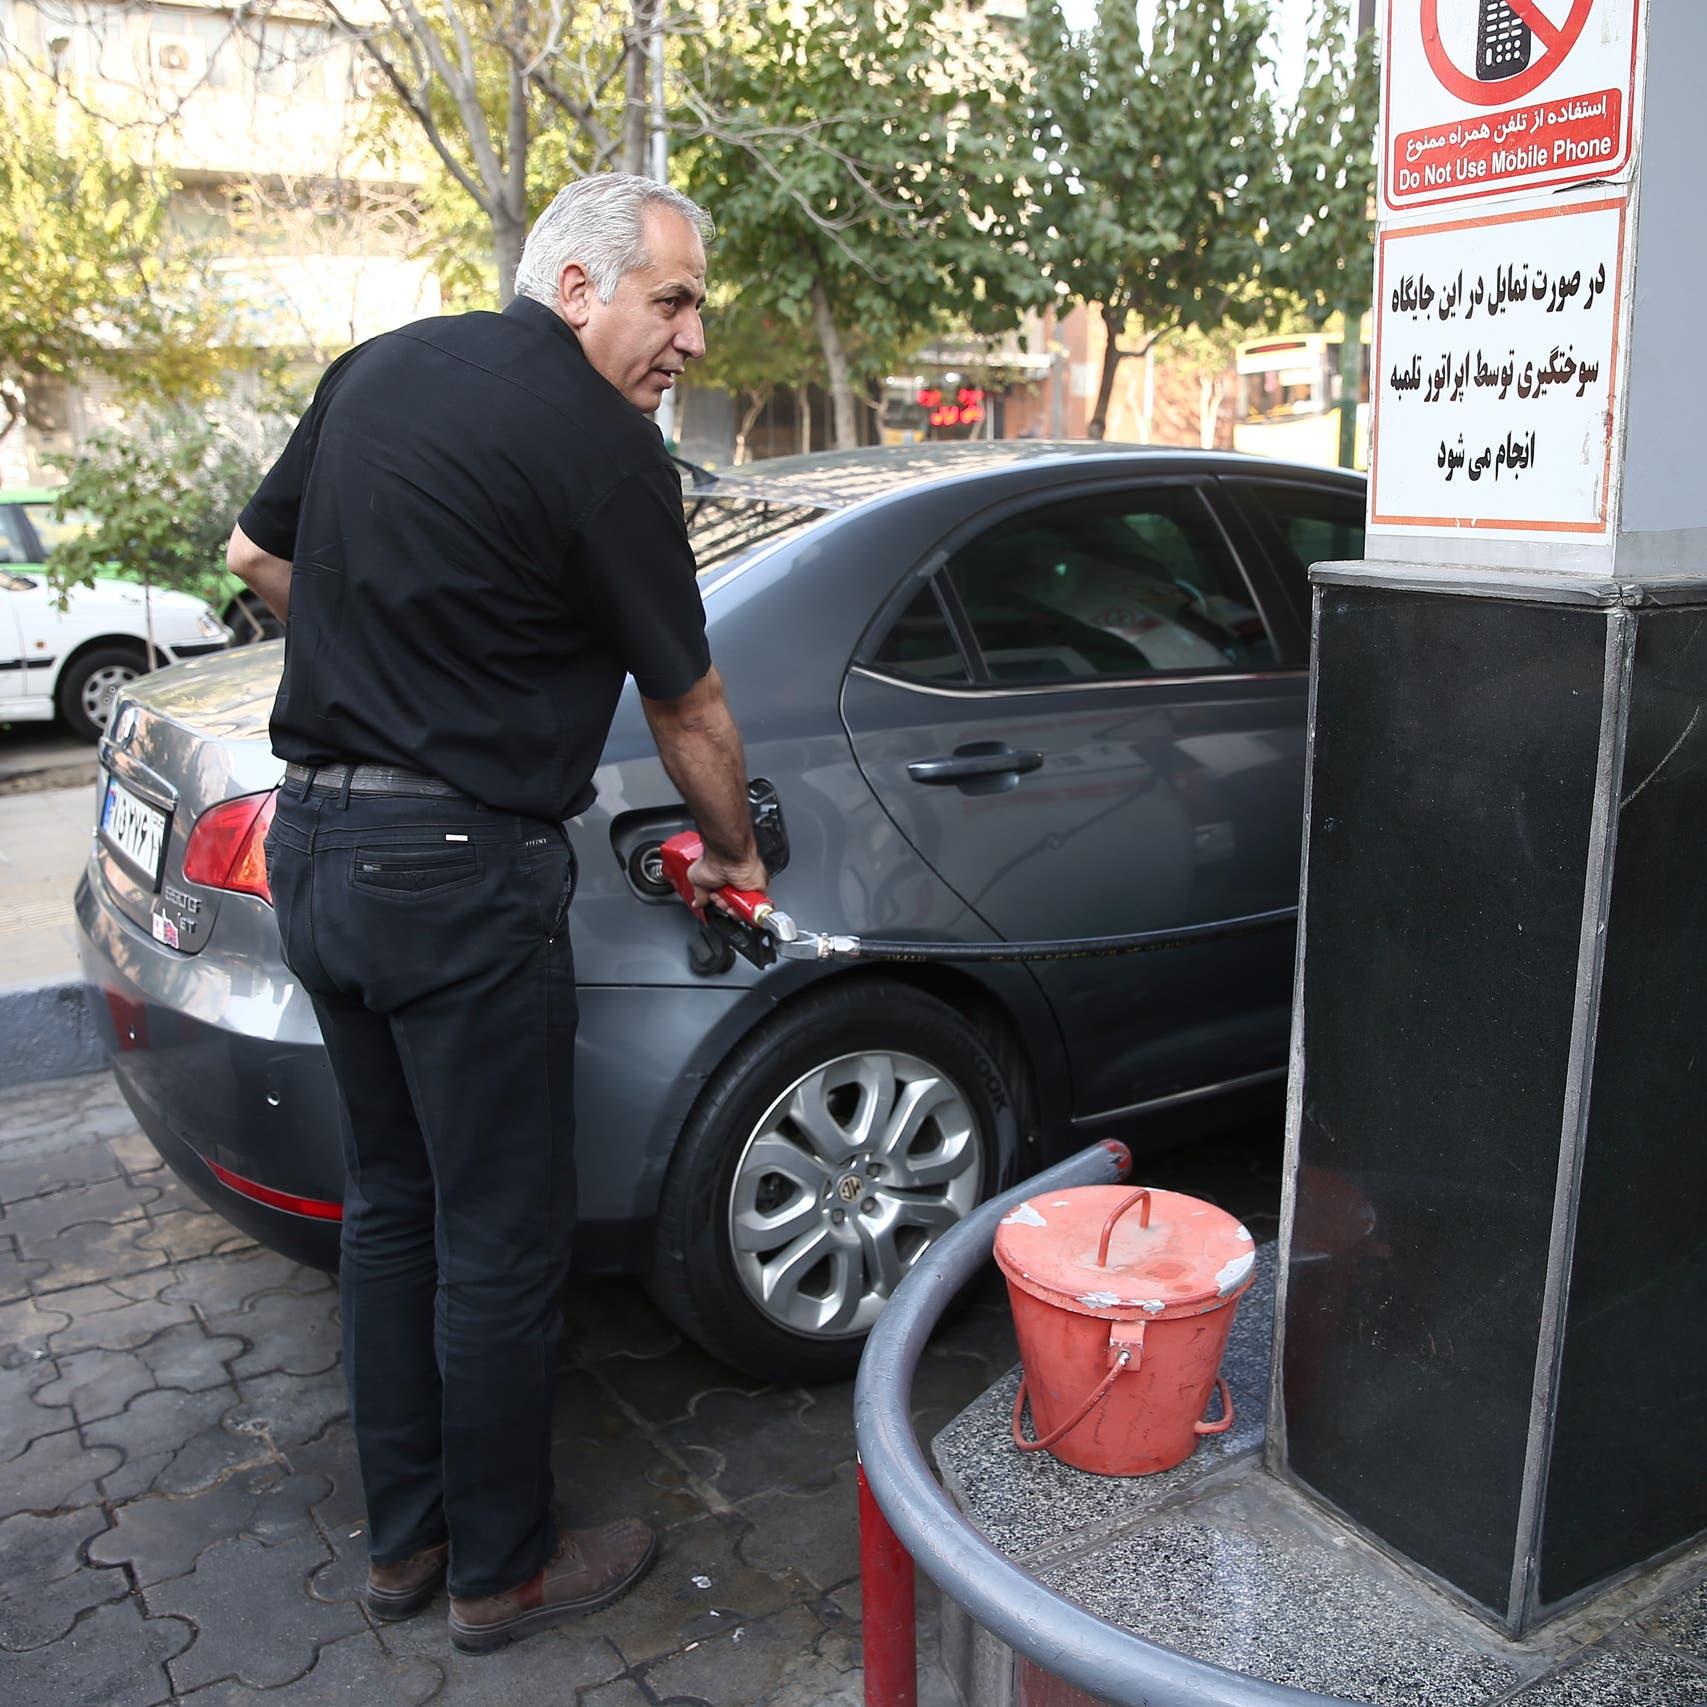 البنزين.. القشة التي أشعلت الغضب مع تهاوي اقتصاد إيران